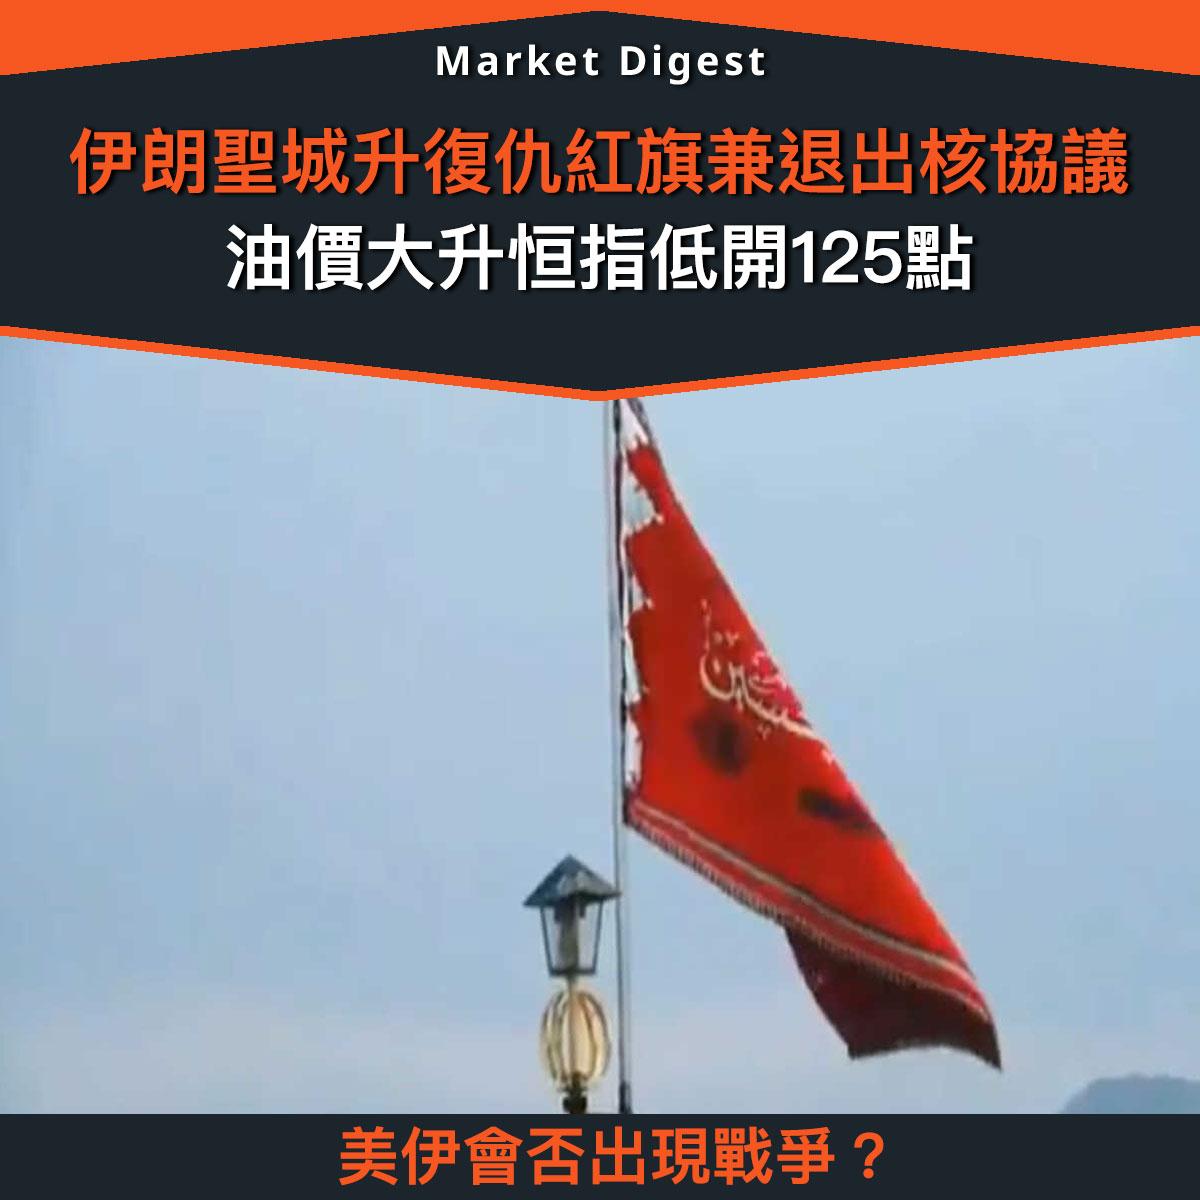 【市場熱話】伊朗聖城升復仇紅旗兼退出核協議,油價大升恒指低開125點